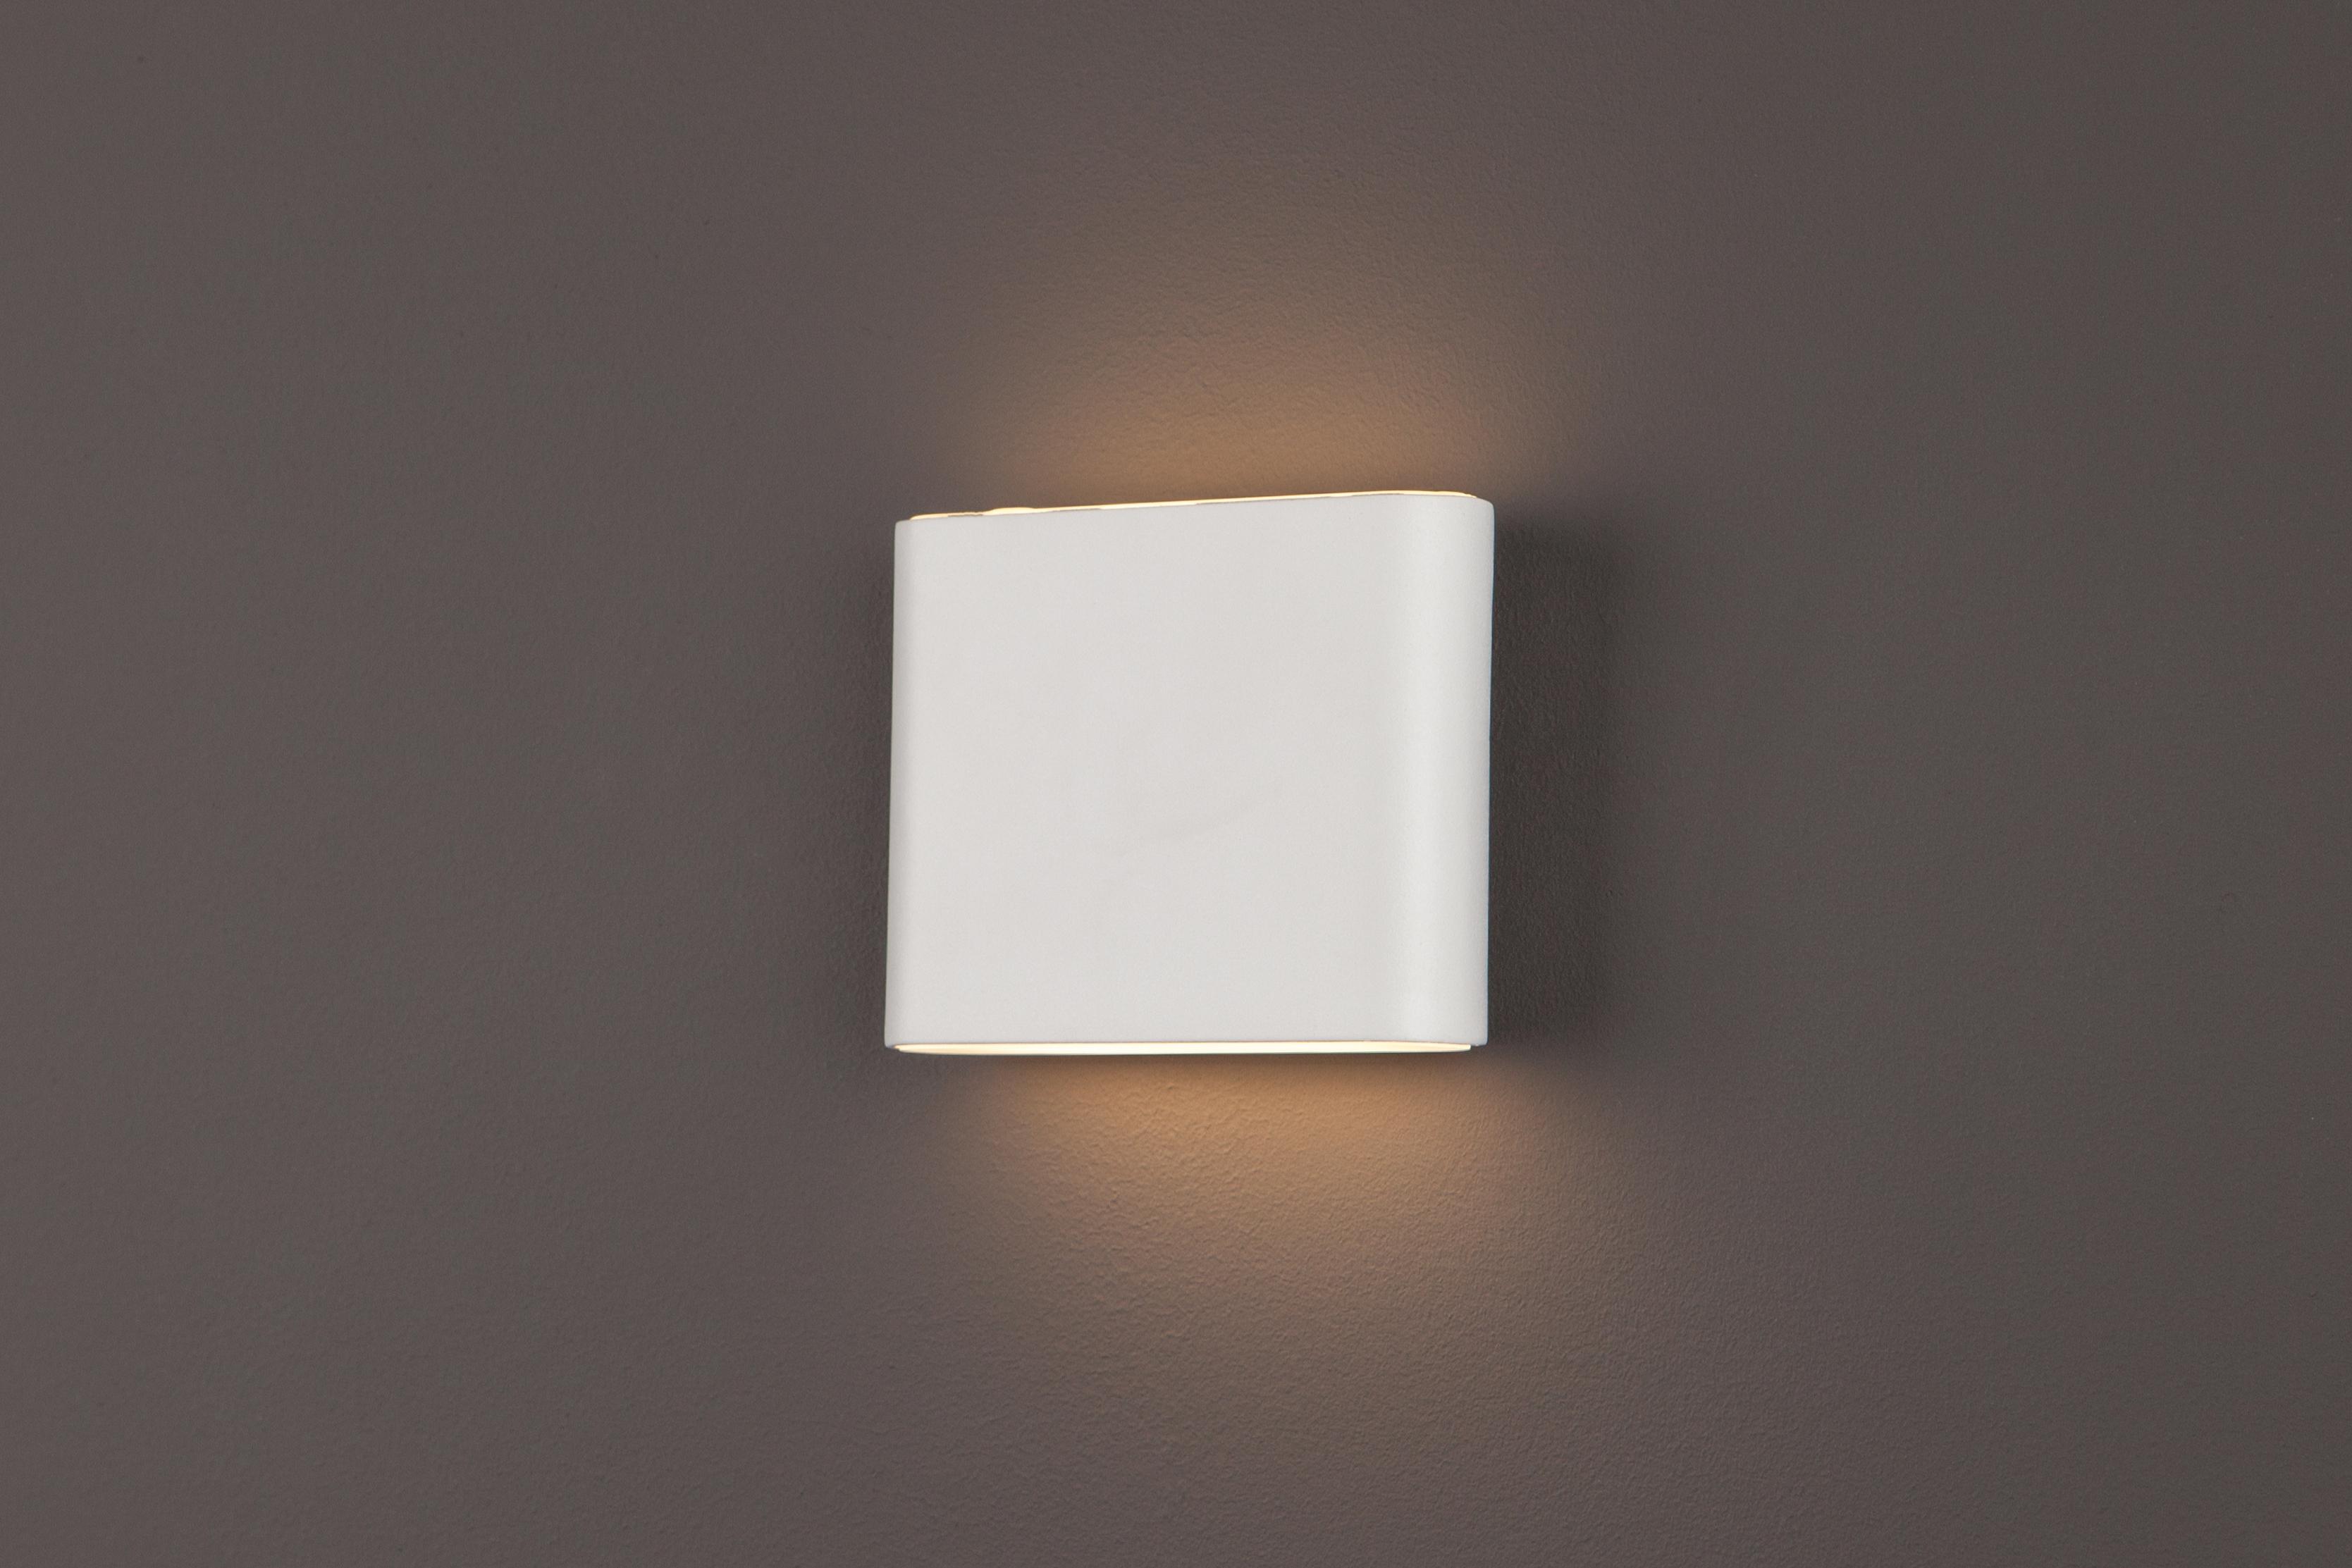 Nástěnné svítidlo Maxlight ZONE I, W0200